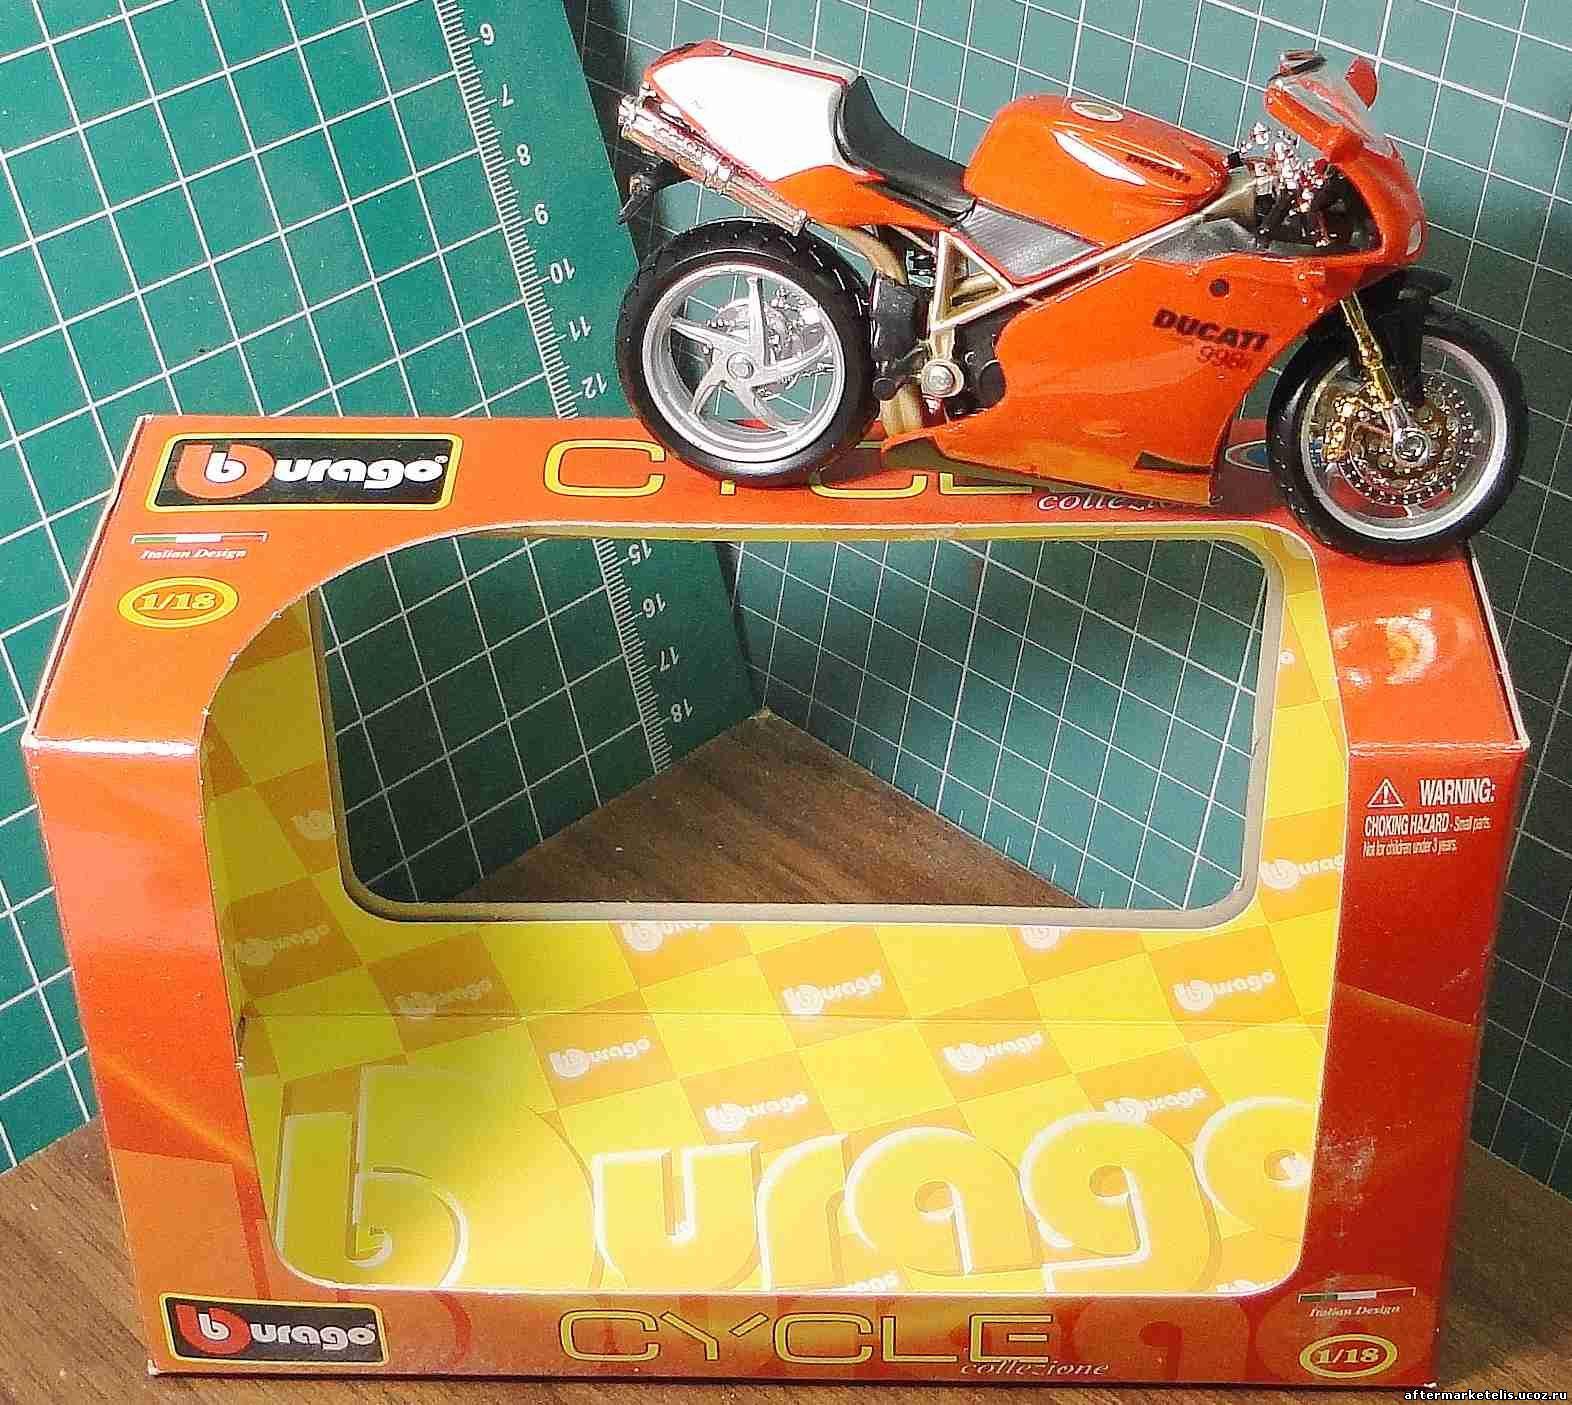 Ducati 998 R Bburago